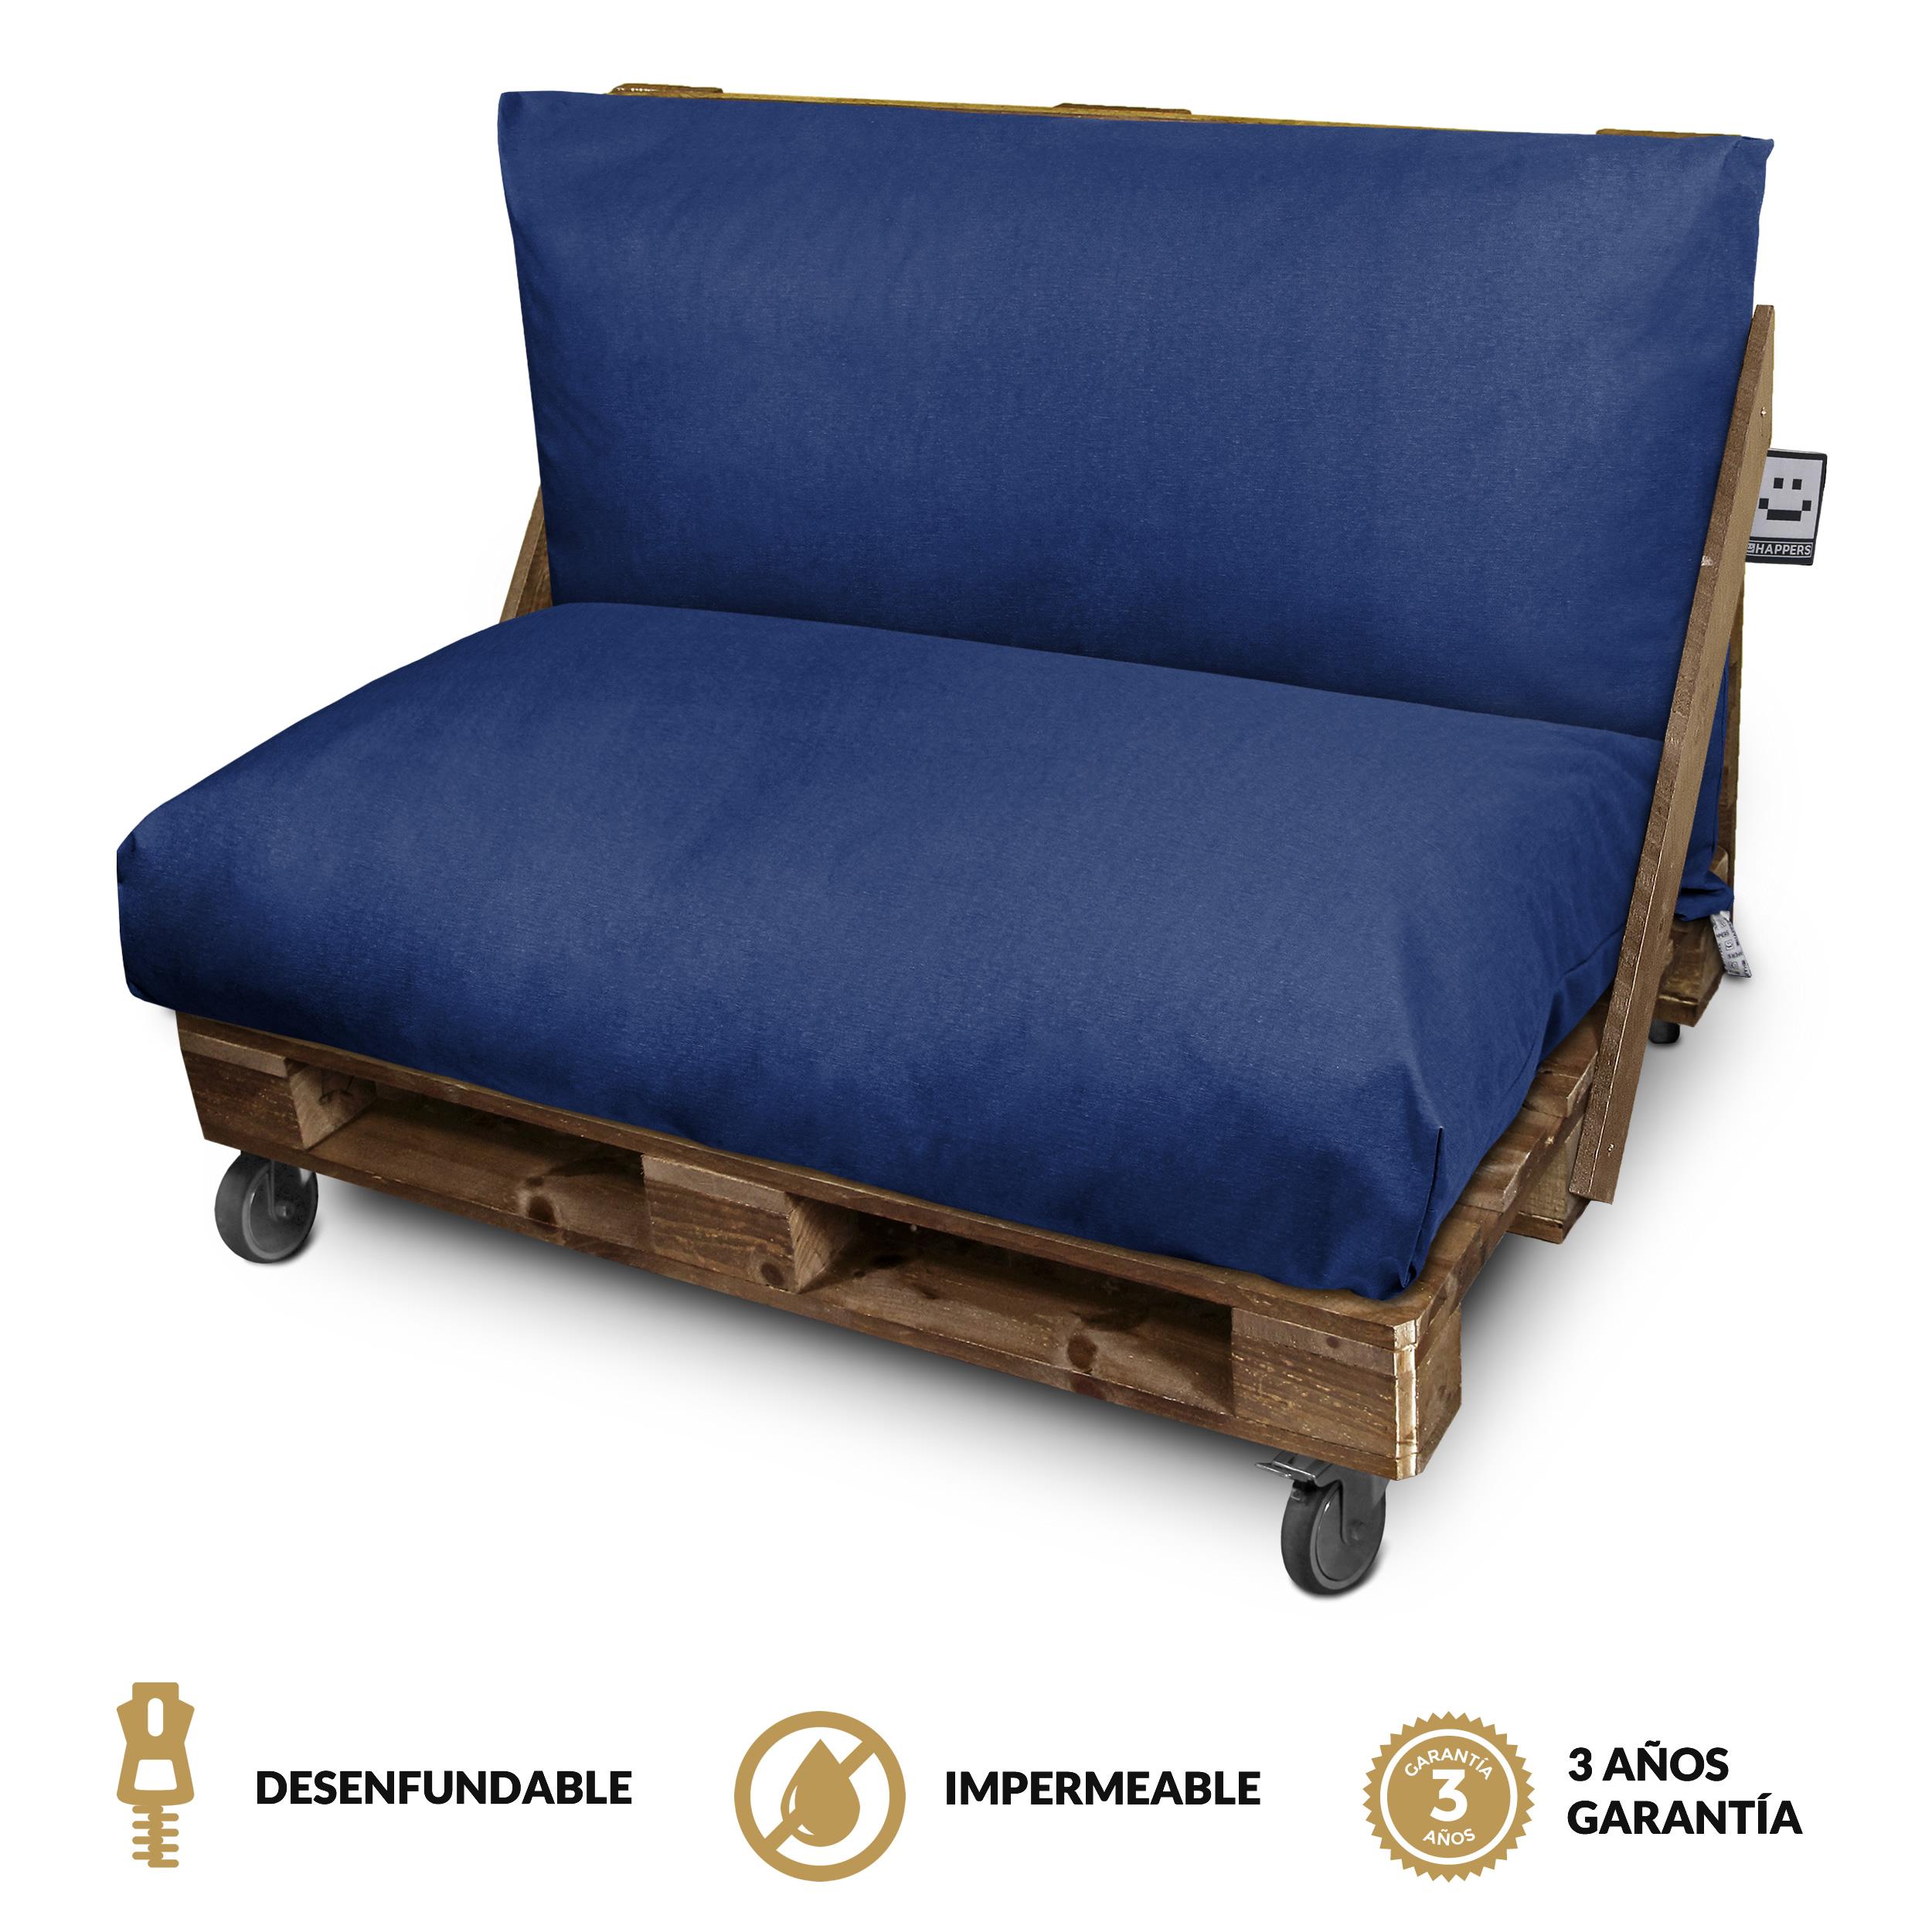 Set de Cojines Impermeables y Desenfundables en Naylim Mate para Palets de exteior Azul